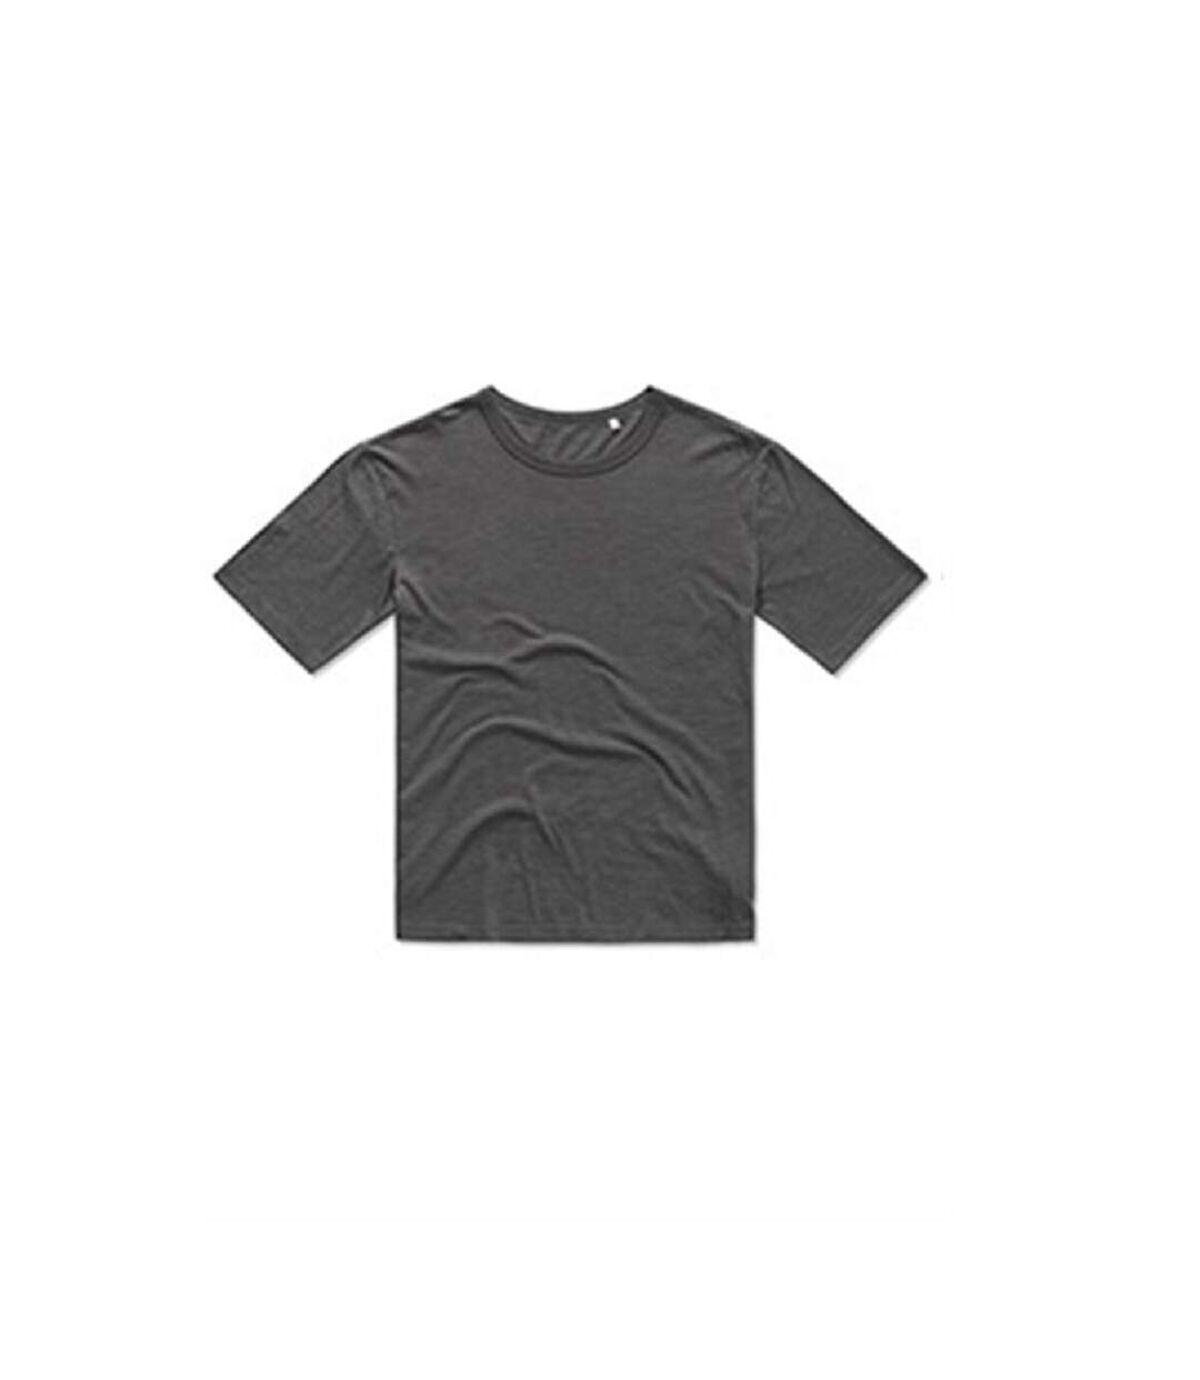 Stedman Mens Organic Slub T-Shirt (Slate Grey) - UTAB368